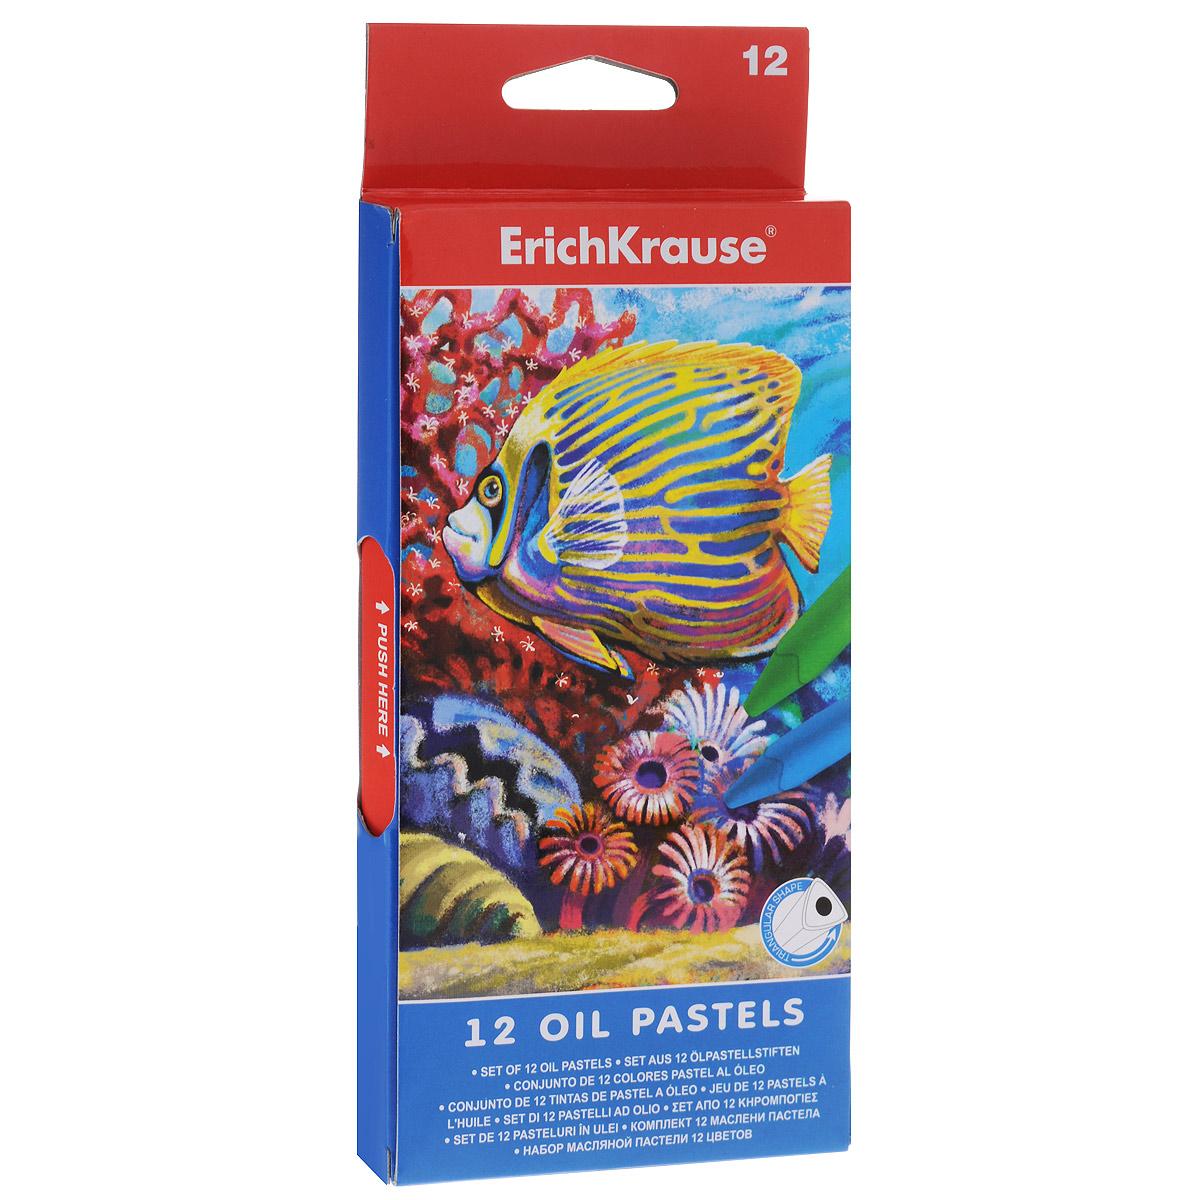 Пастель масляная Erich Krause, 12 шт34933Пастель масляная Erich Krause изготавливается с использованием светоустойчивых пигментов. Основа масляной пастели - воск и минеральные масла. В наборе - 12 разных цветов.Удобный эргономичный корпус позволяет рисовать в разных техниках. Пастель легко смешивается и растушевывается подушечками пальцев. Каждый мелок в индивидуальной бумажной обертке.Комплектация: 12 шт.